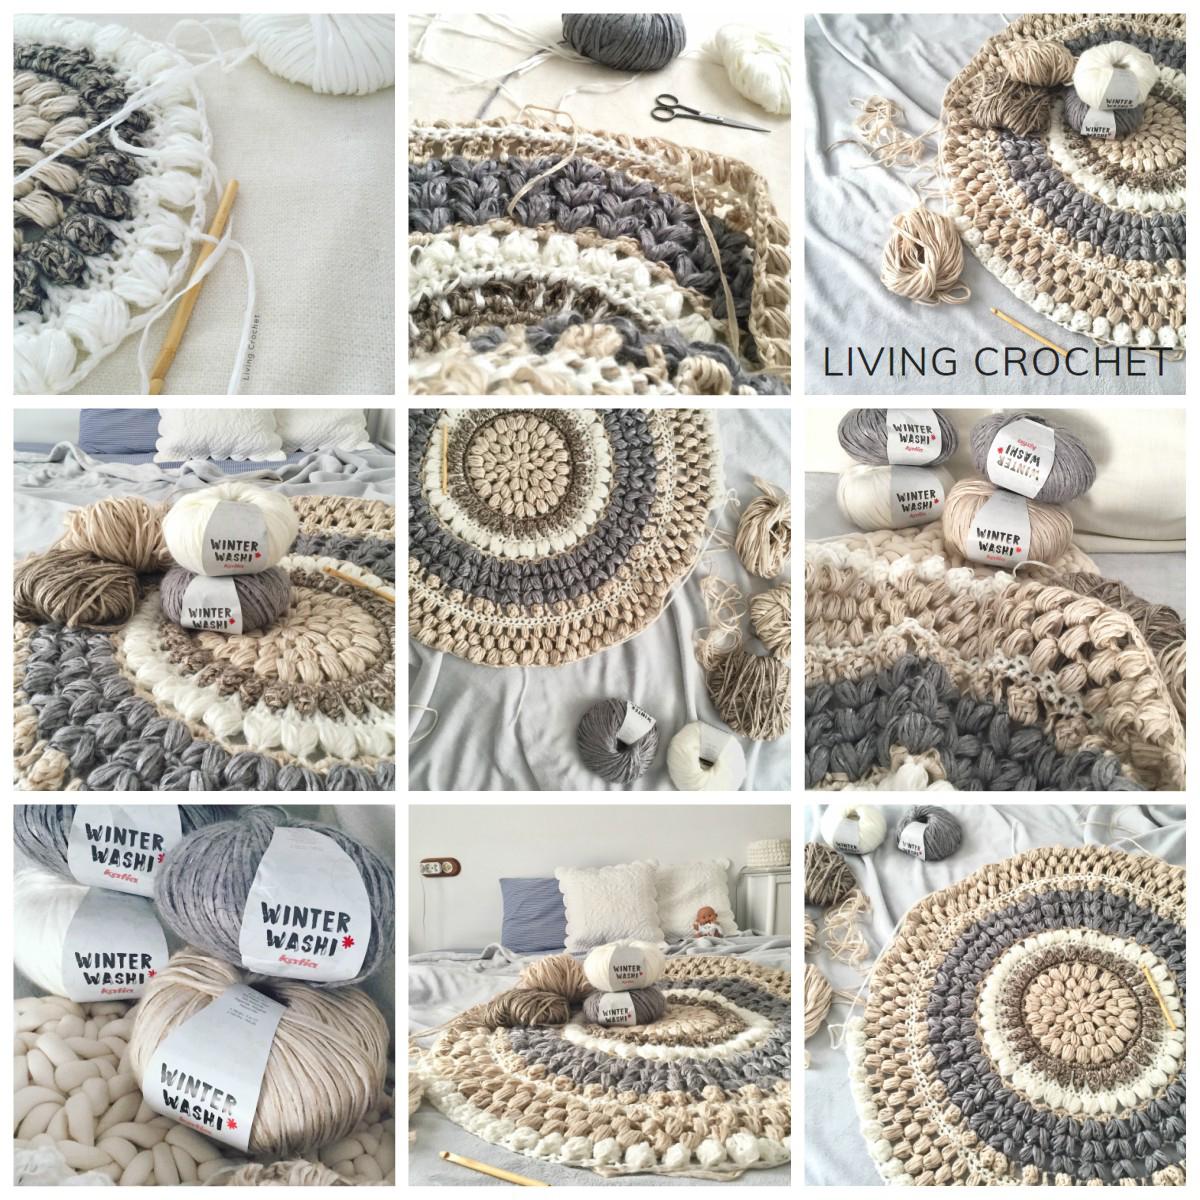 Living Crochet Leert Je Hoe Je Een Vloerkleed Moet Haken Met Winter